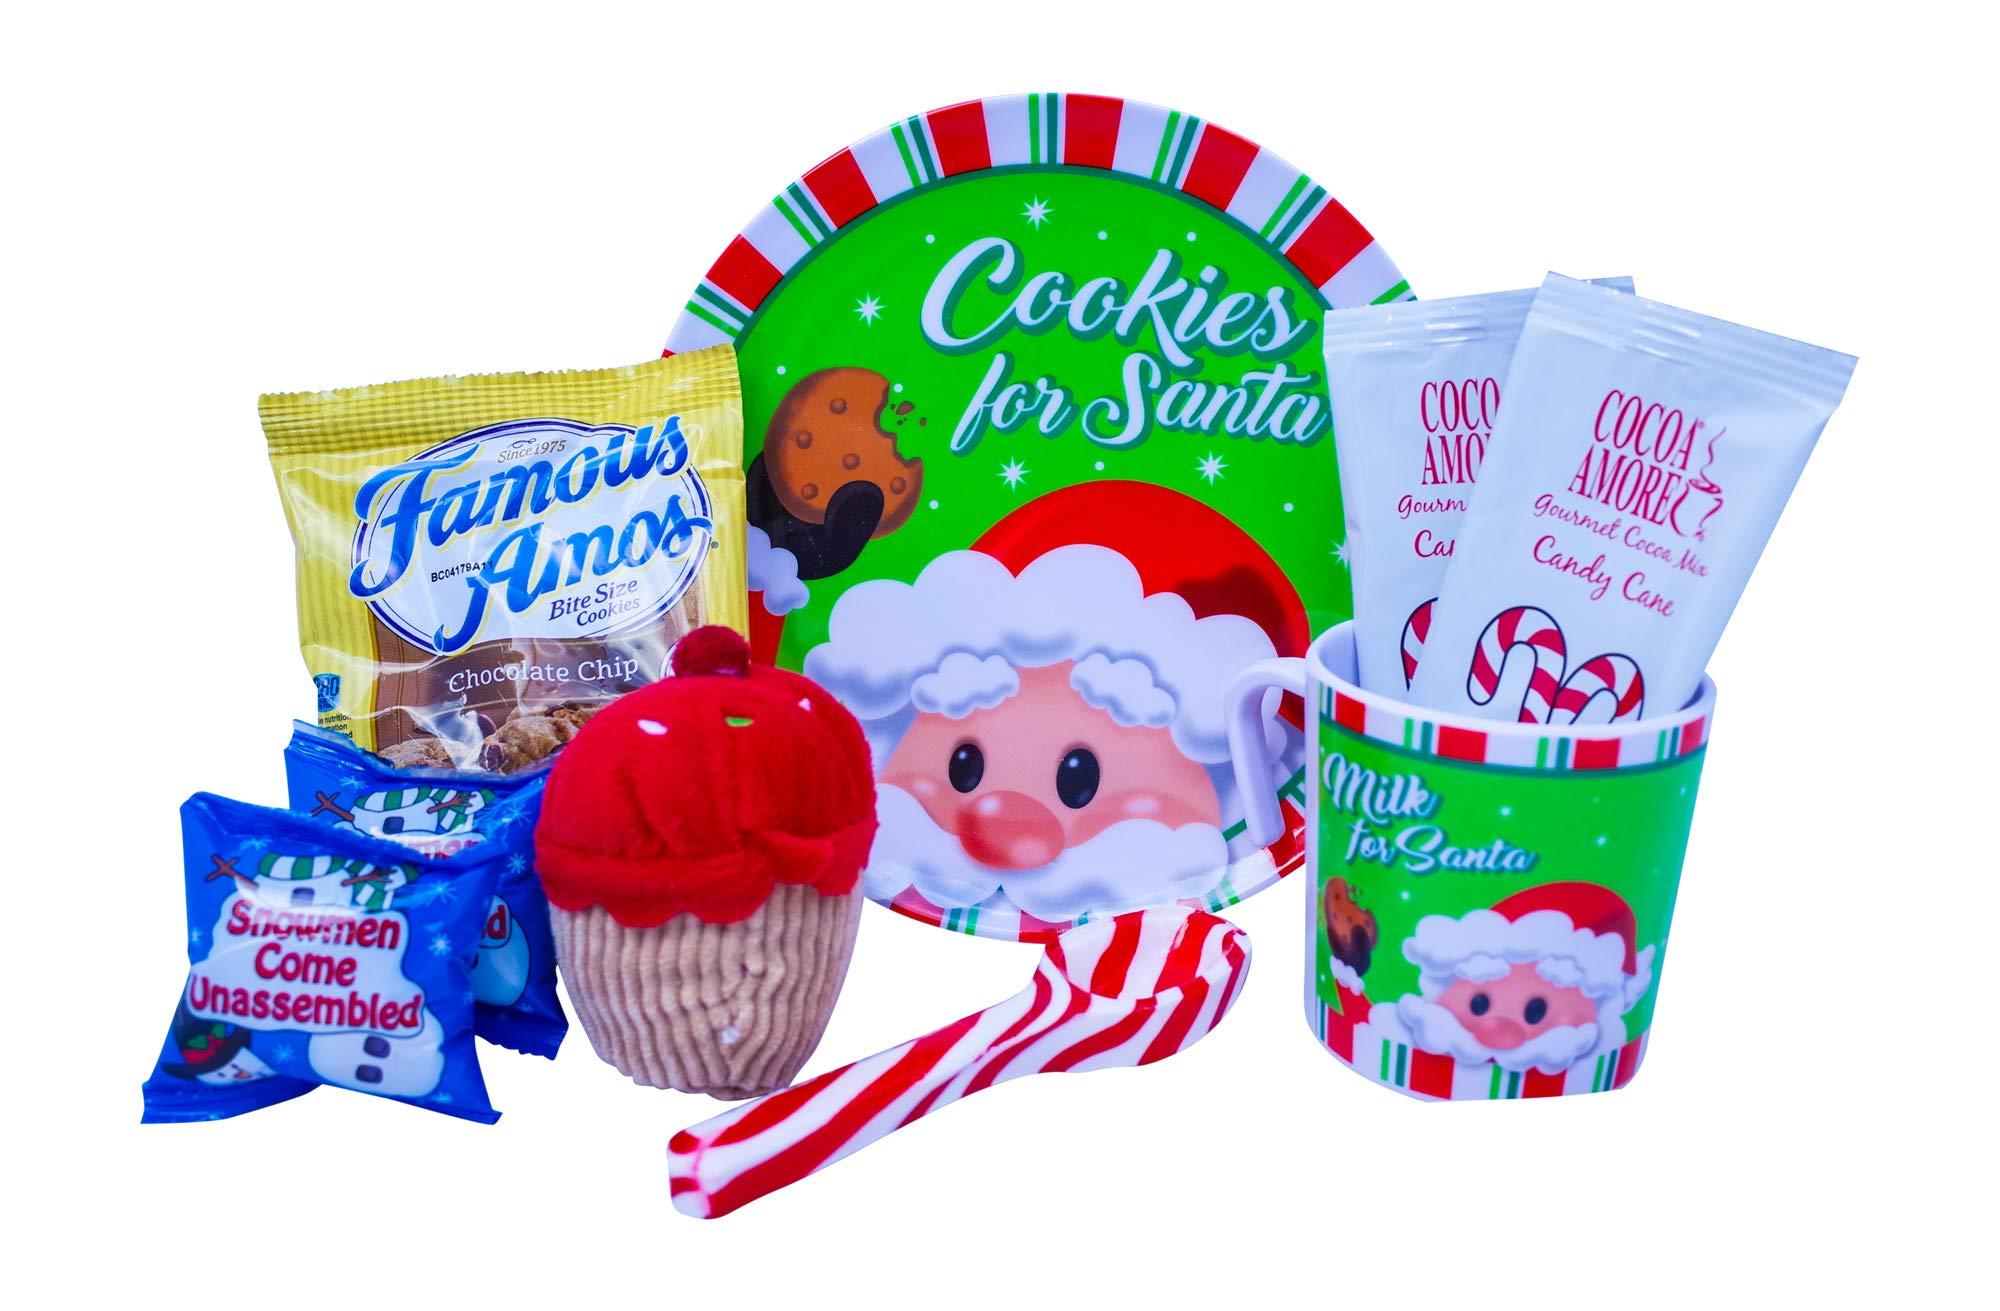 Amazon.com : Christmas Hot Cocoa and Cookies Gift For Kids With Mug ...